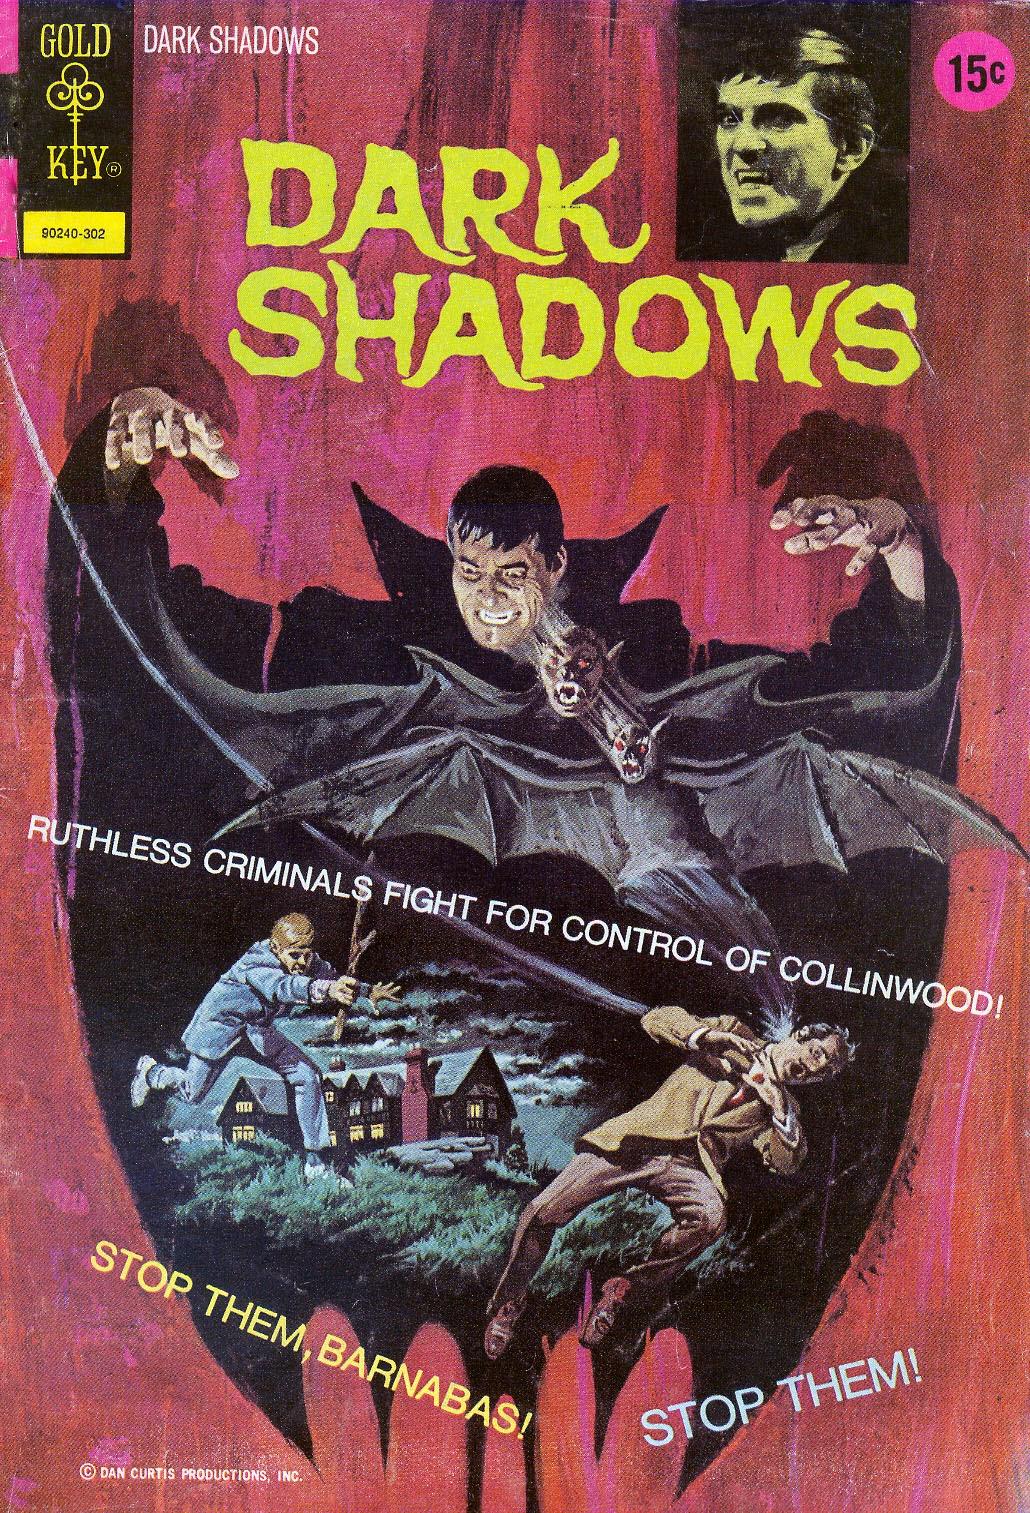 Dark Shadows (1969) issue 18 - Page 1